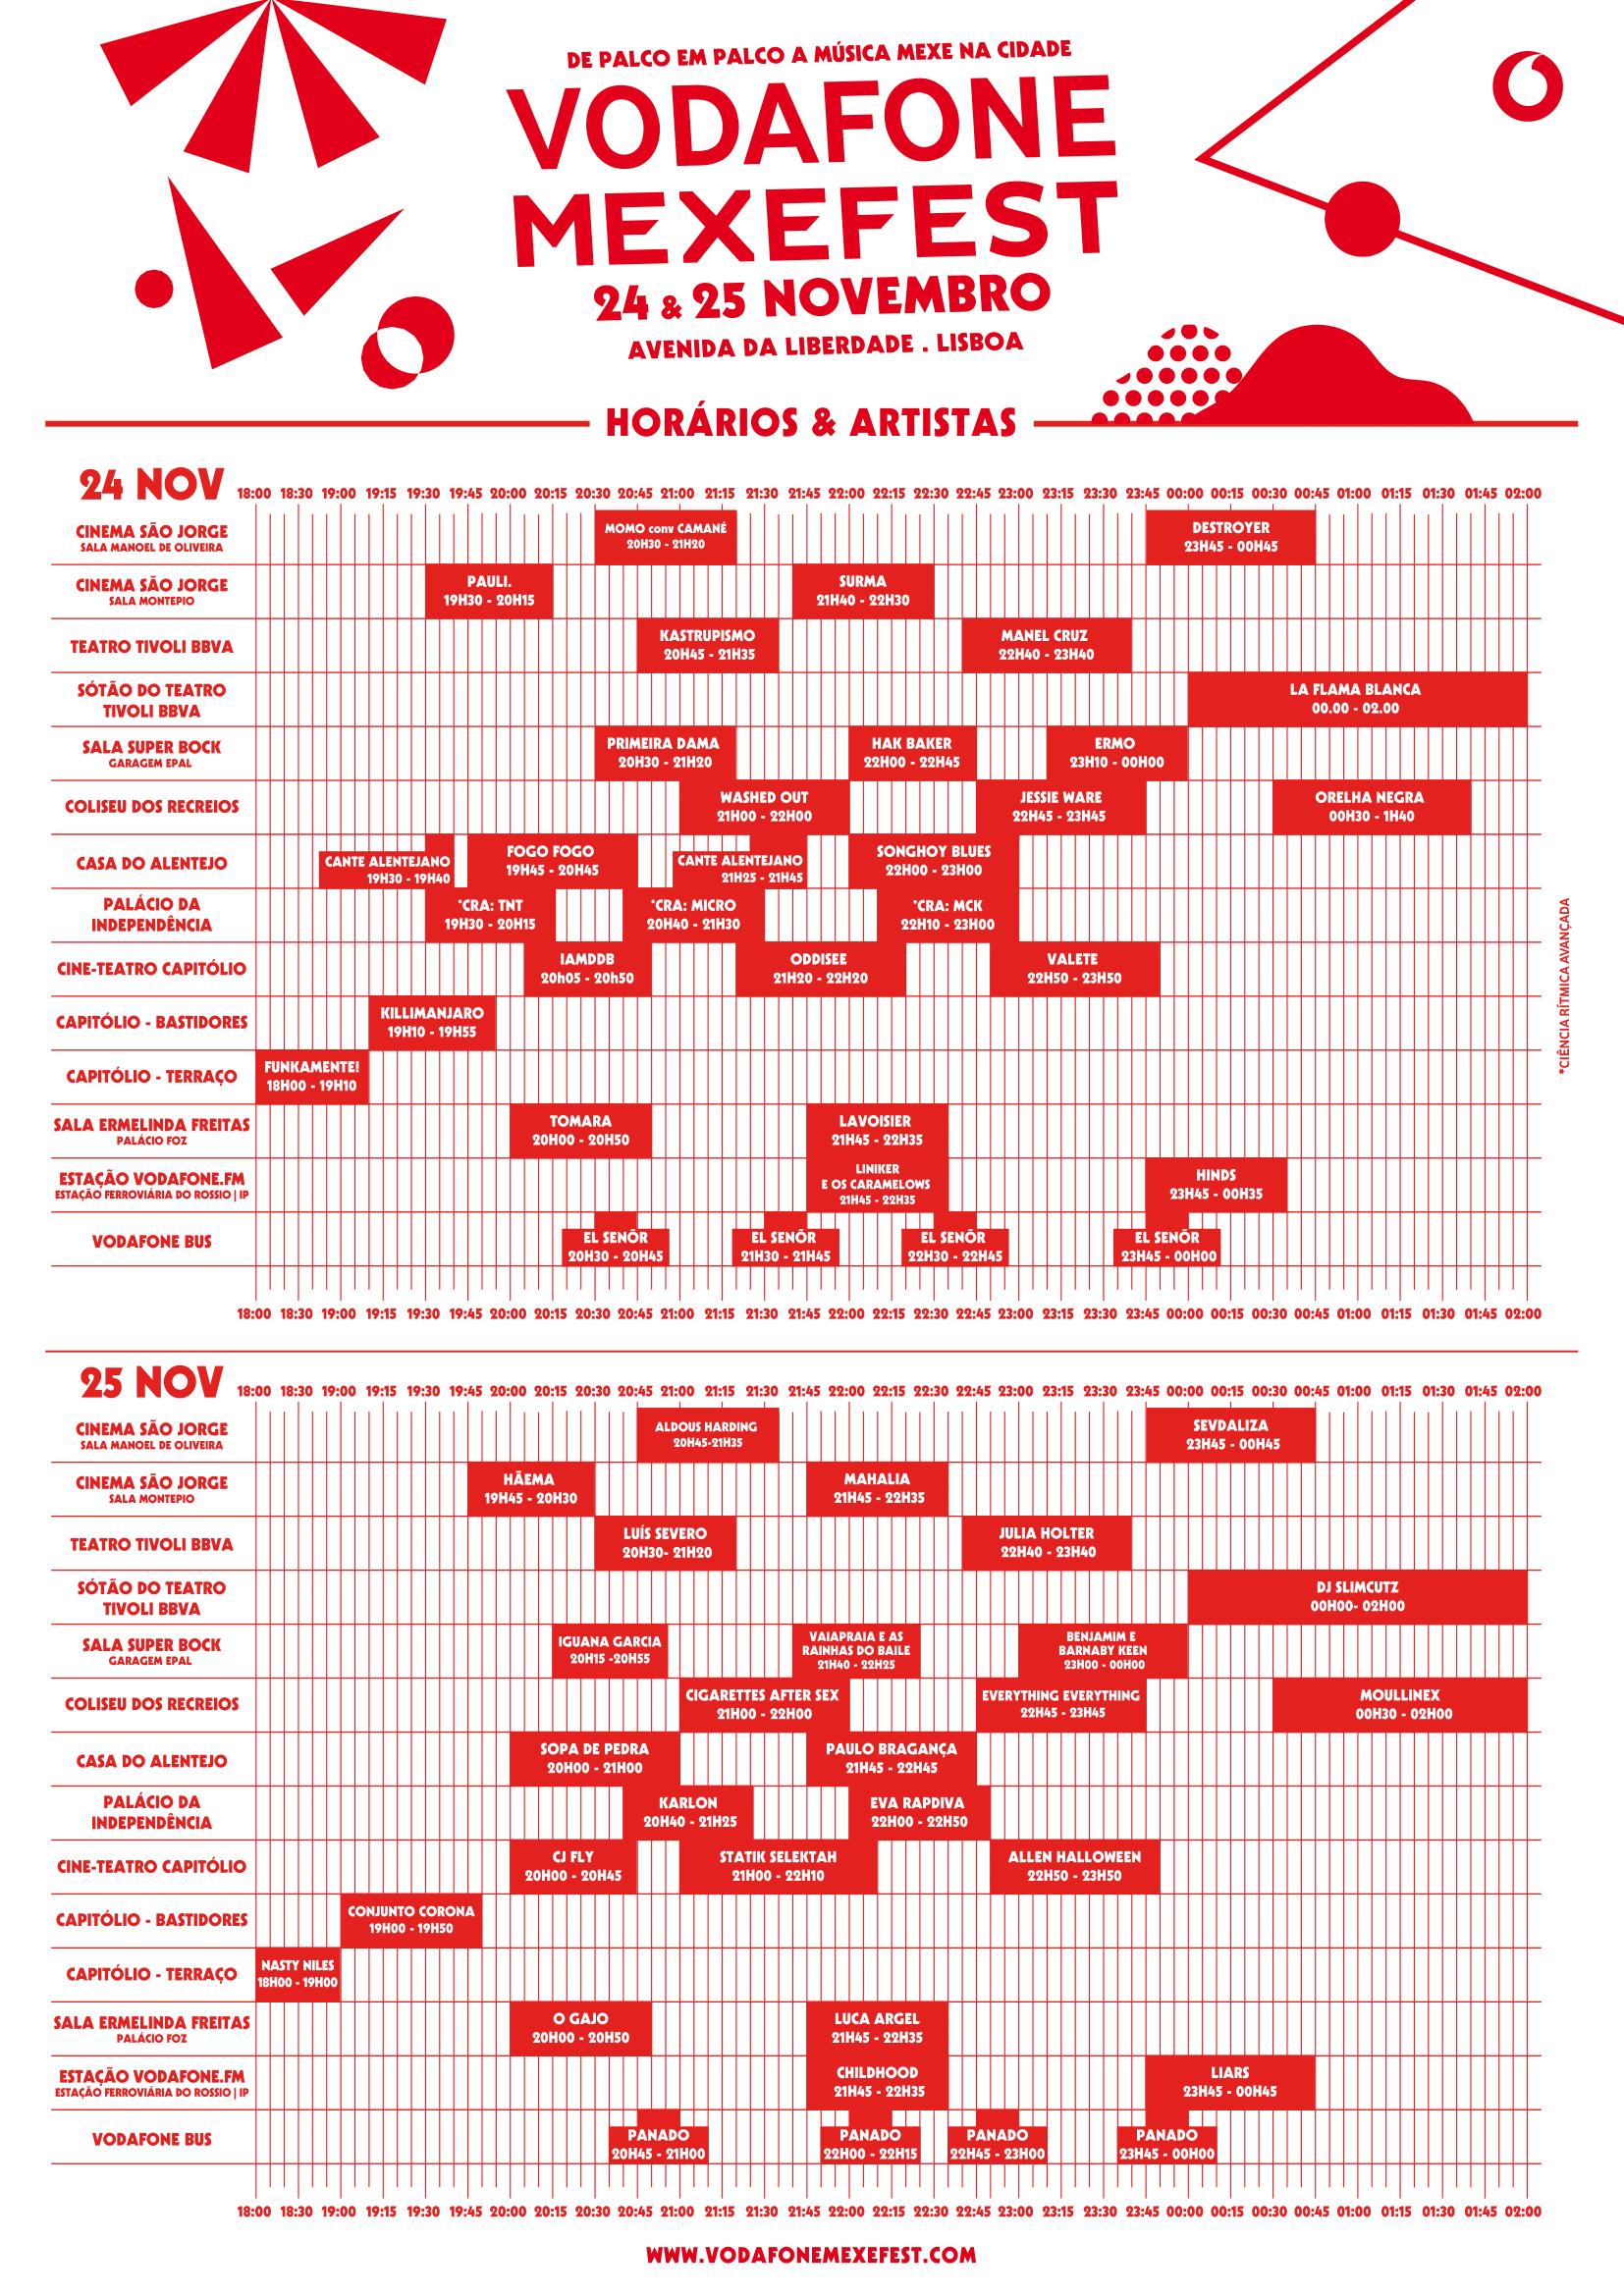 horario-mexefest-1